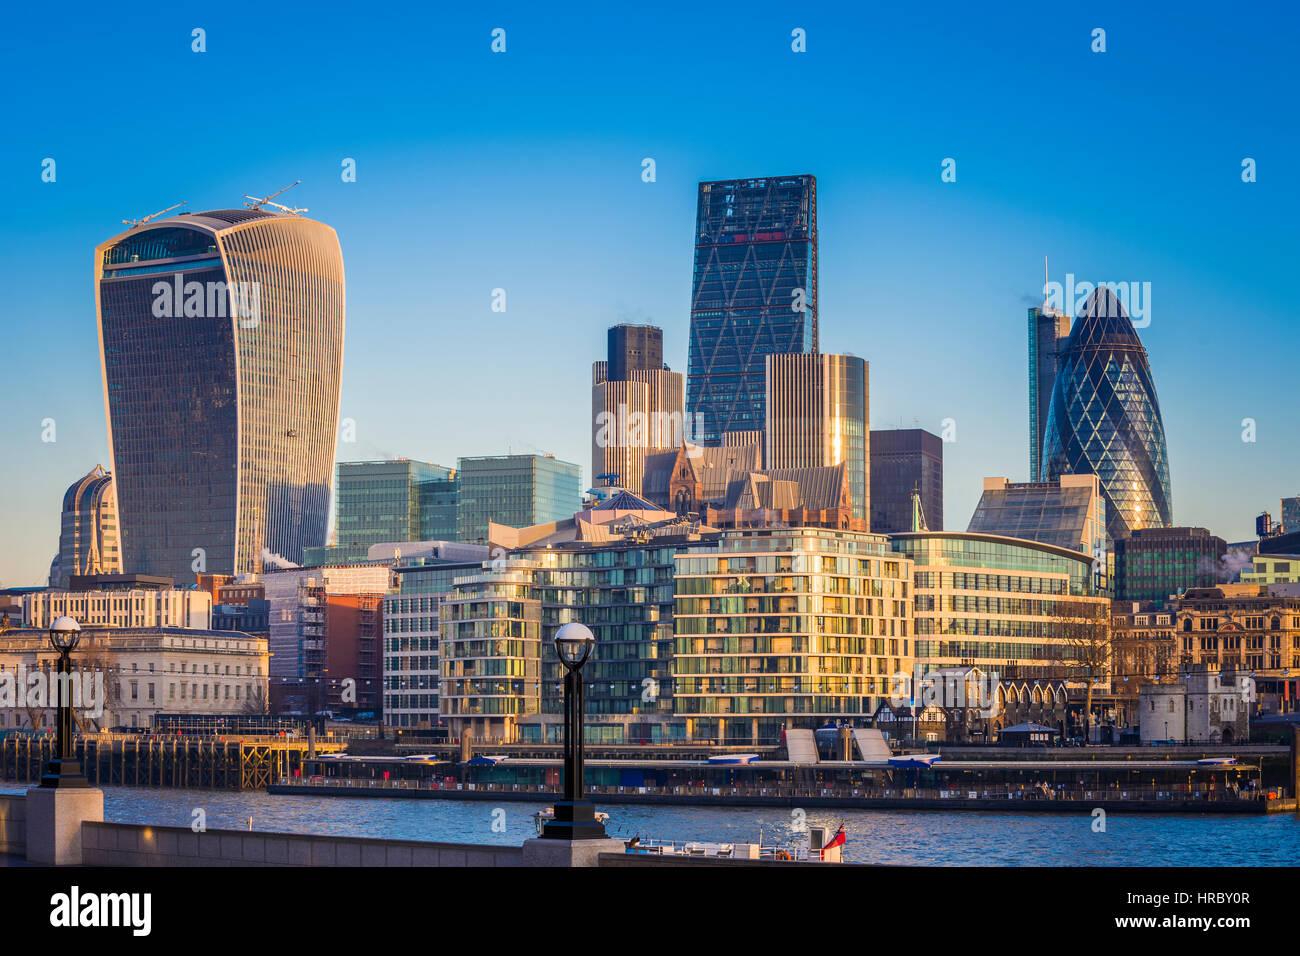 Londres, Reino Unido - El mundialmente famoso distrito comercial de Londres, con sus rascacielos y el azul claro Imagen De Stock